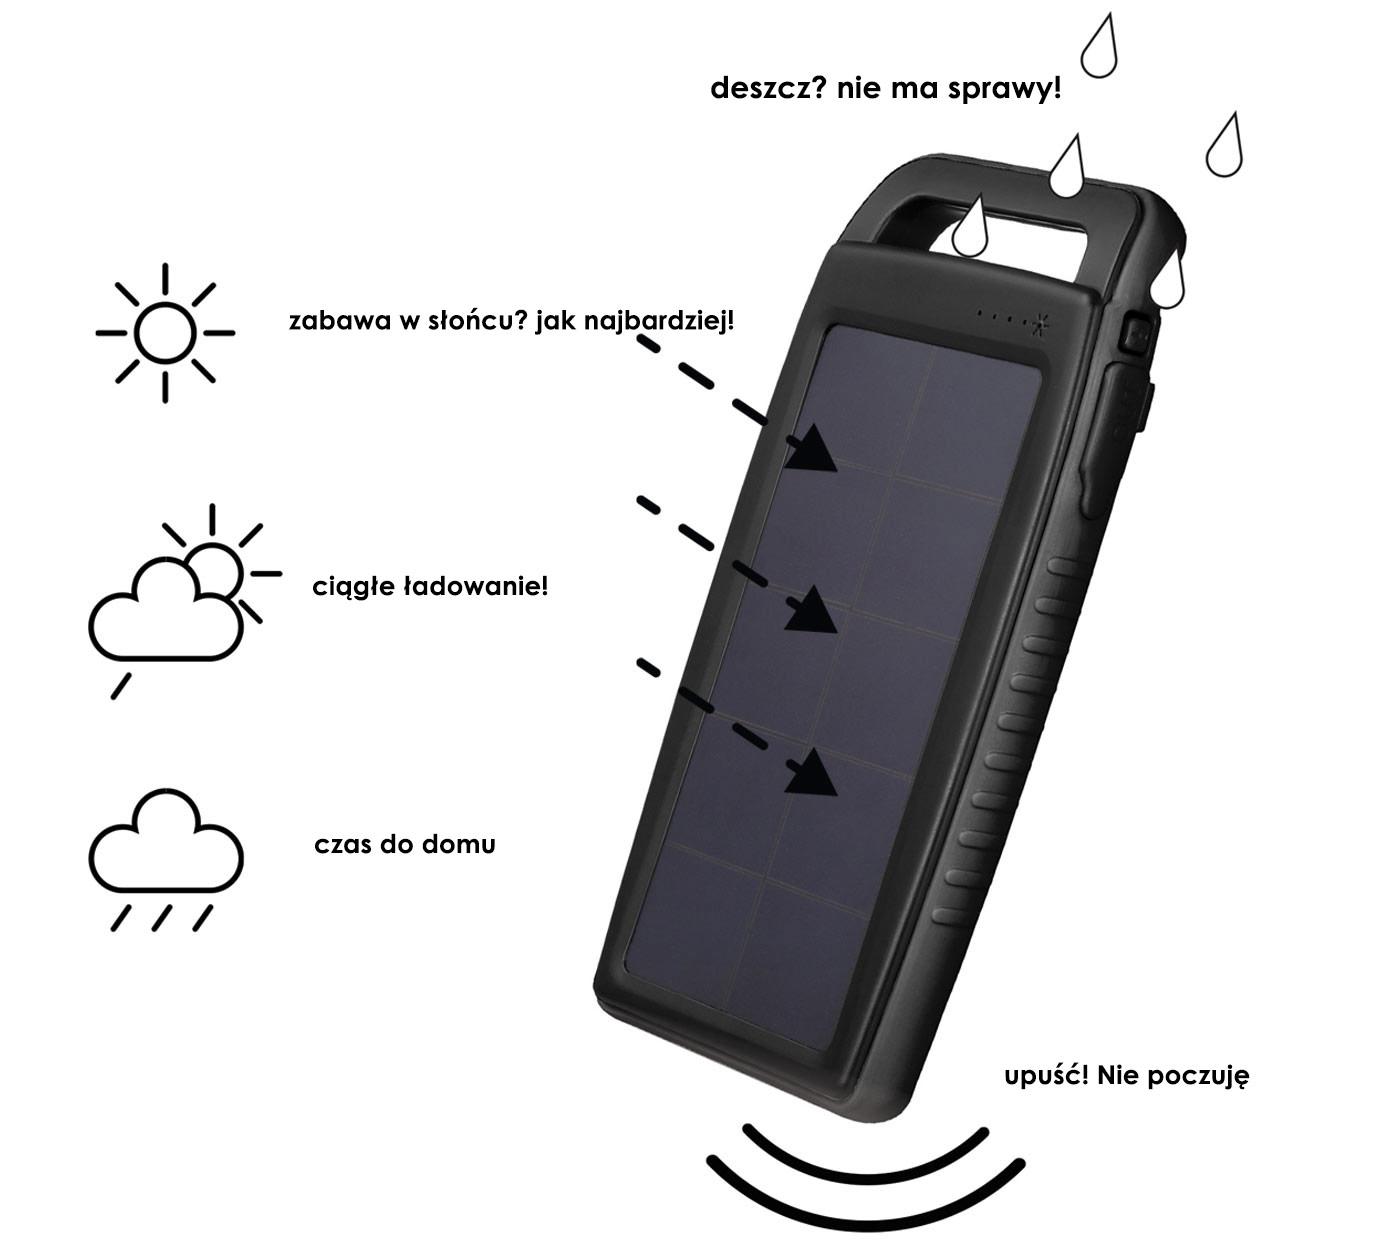 Boompods Waterproof Solar Power Bank | Solaris - deszcz? nie ma sprawy!!